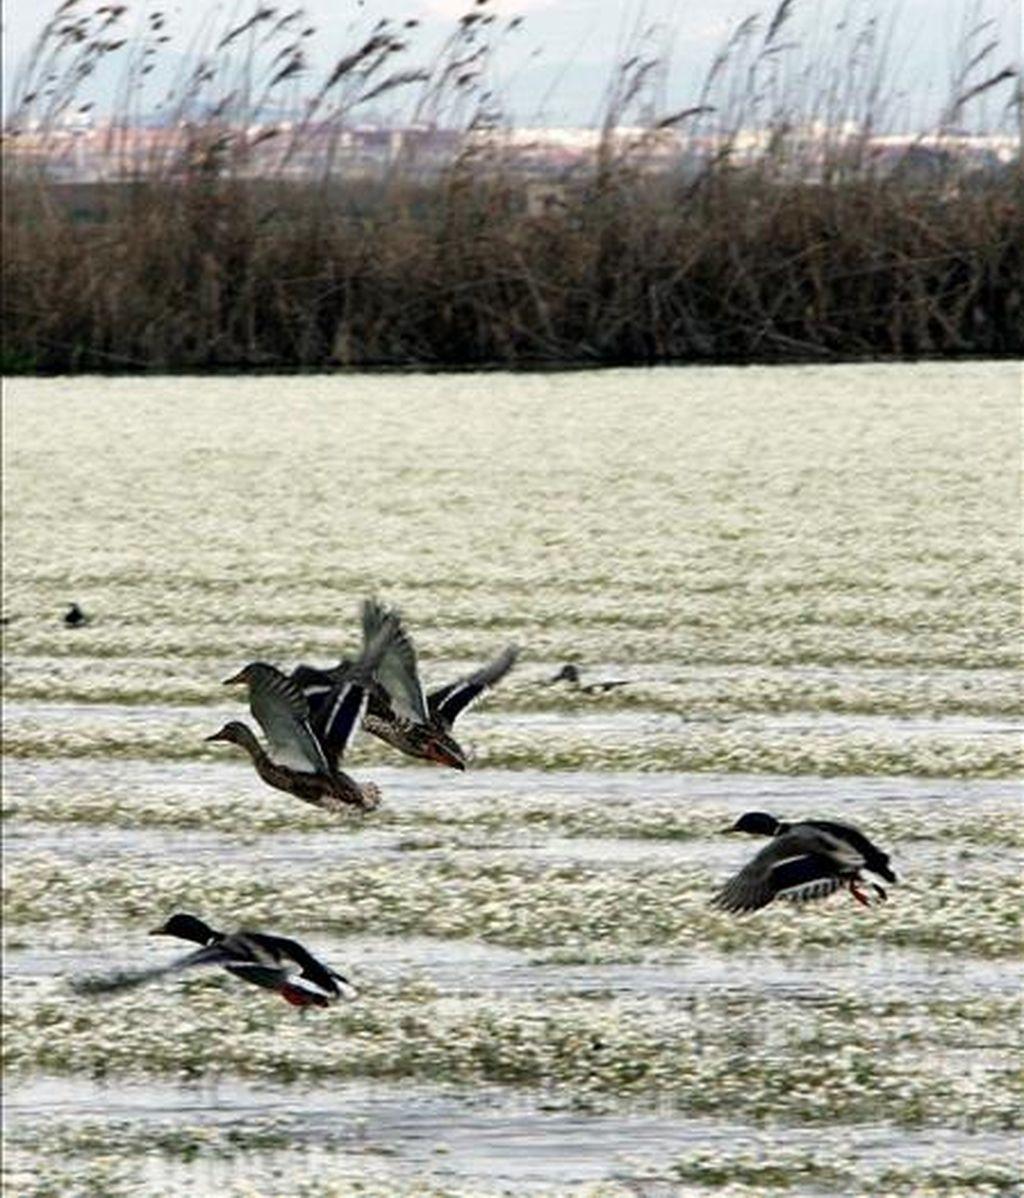 Aves en la albufera de Valencia, uno de los humedales más grandes de la península Ibérica. EFE